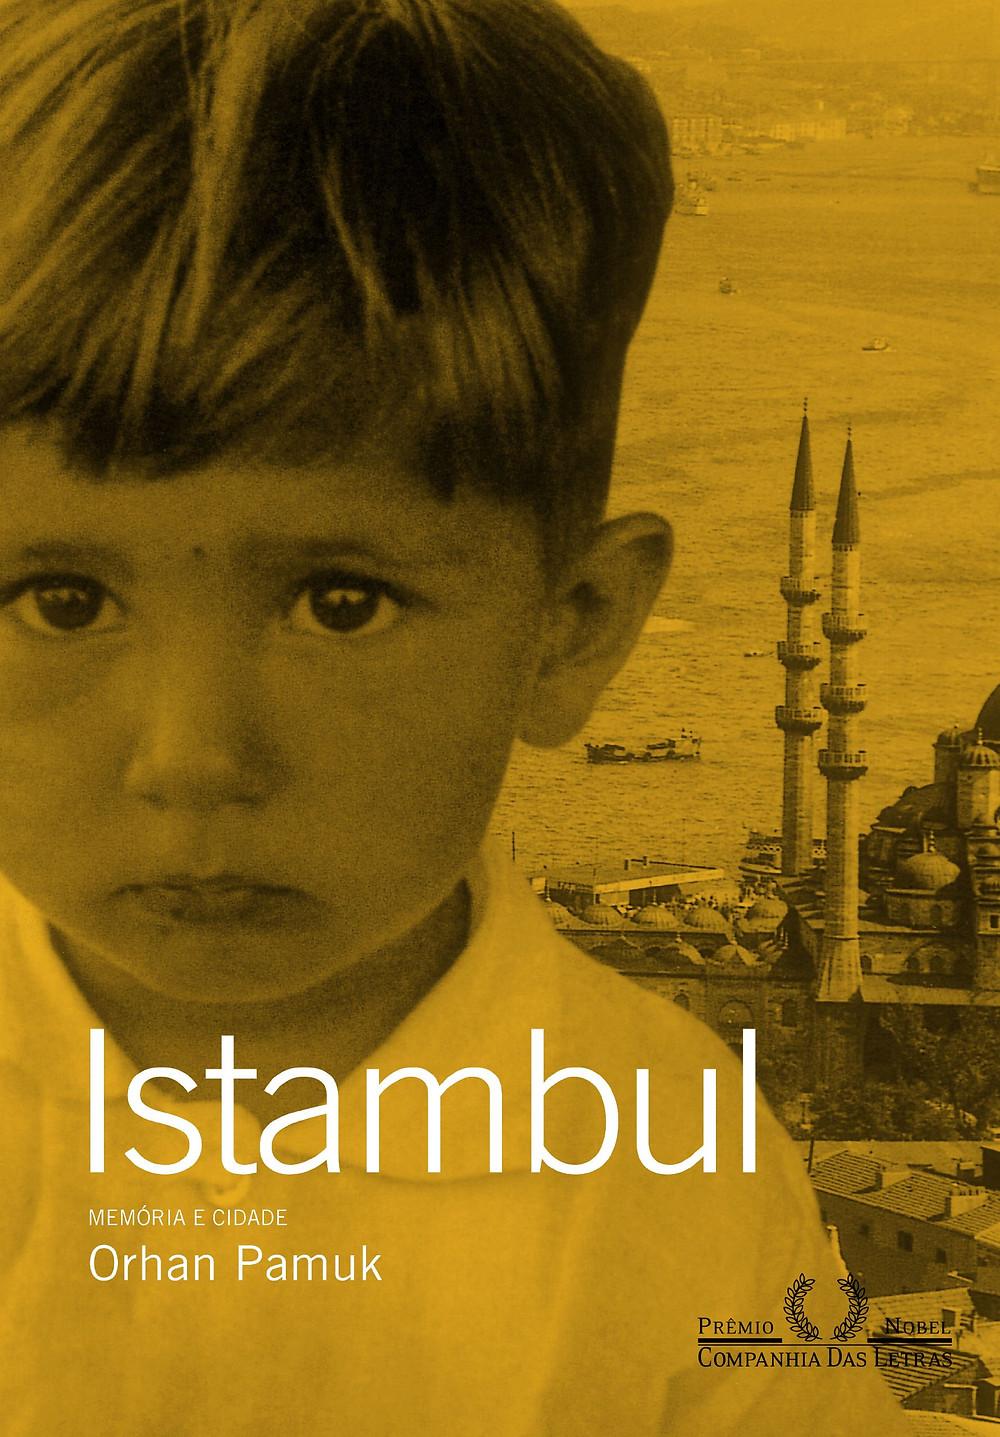 Istambul, Memória e Cidade é a autobiografia de Orhan Pamuk